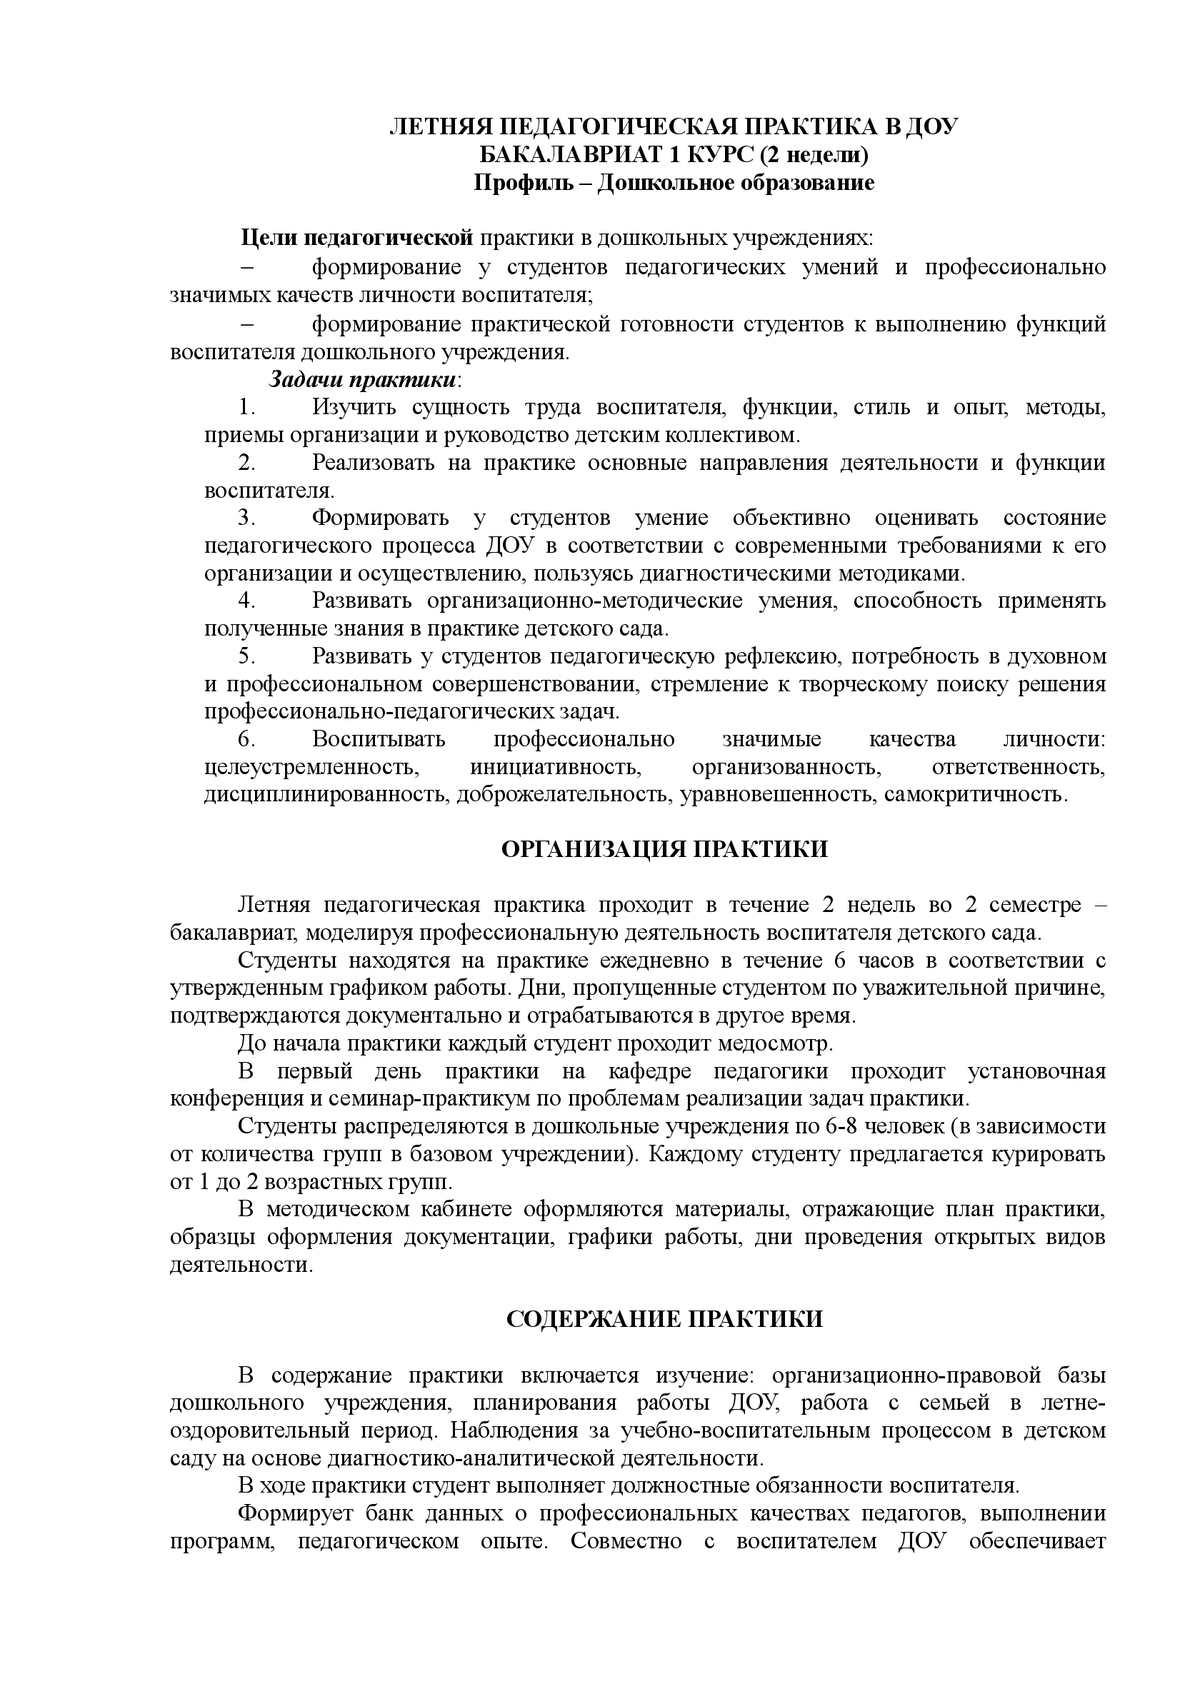 Аналитический отчет студента по педагогической практике в доу 6361